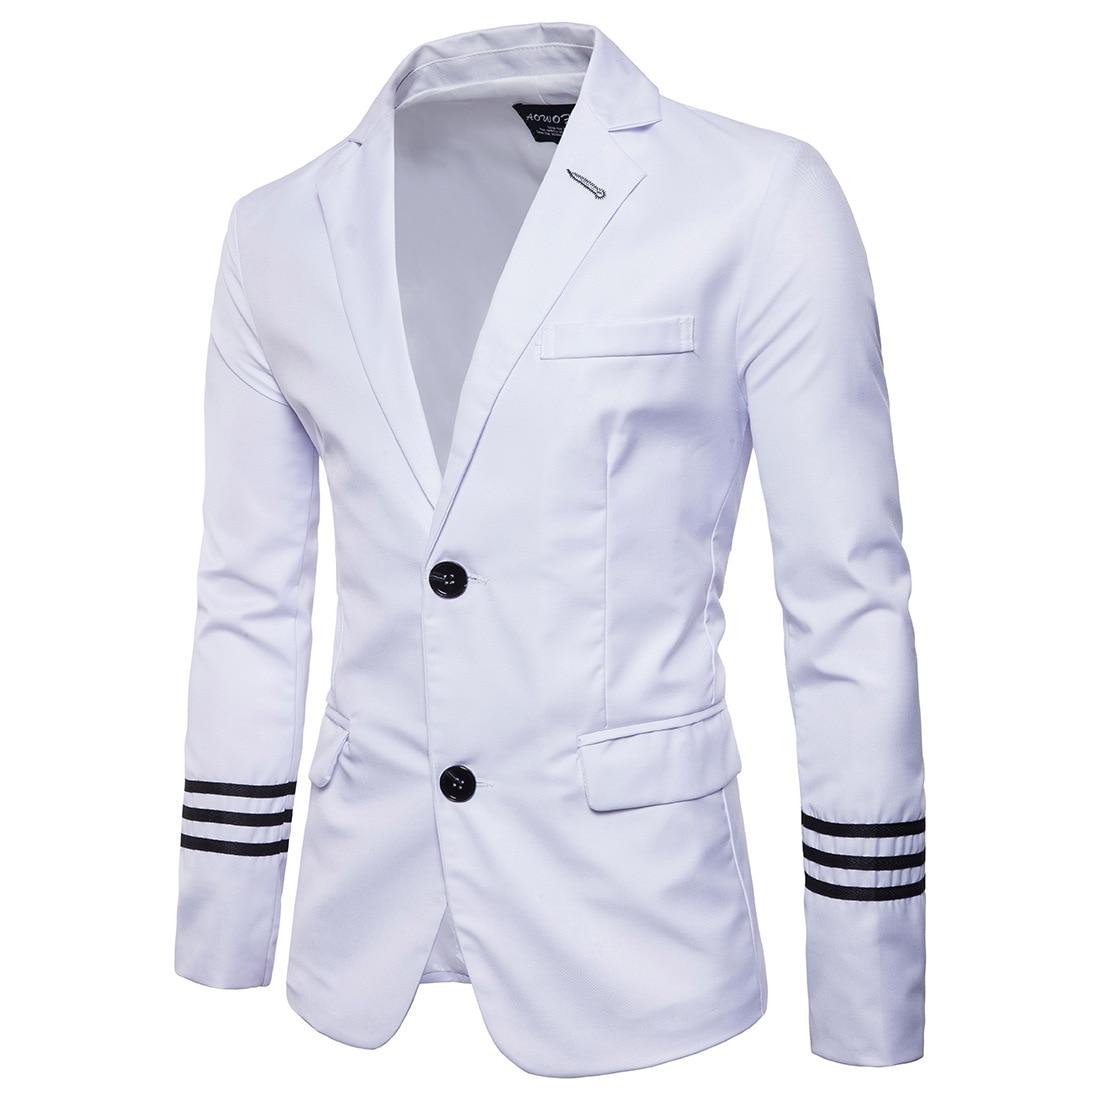 Blazers Men Suits 2019 New Arrival Men's Stylish Wedding Suit Stylish Suit Jacket  Men Casual Blazer